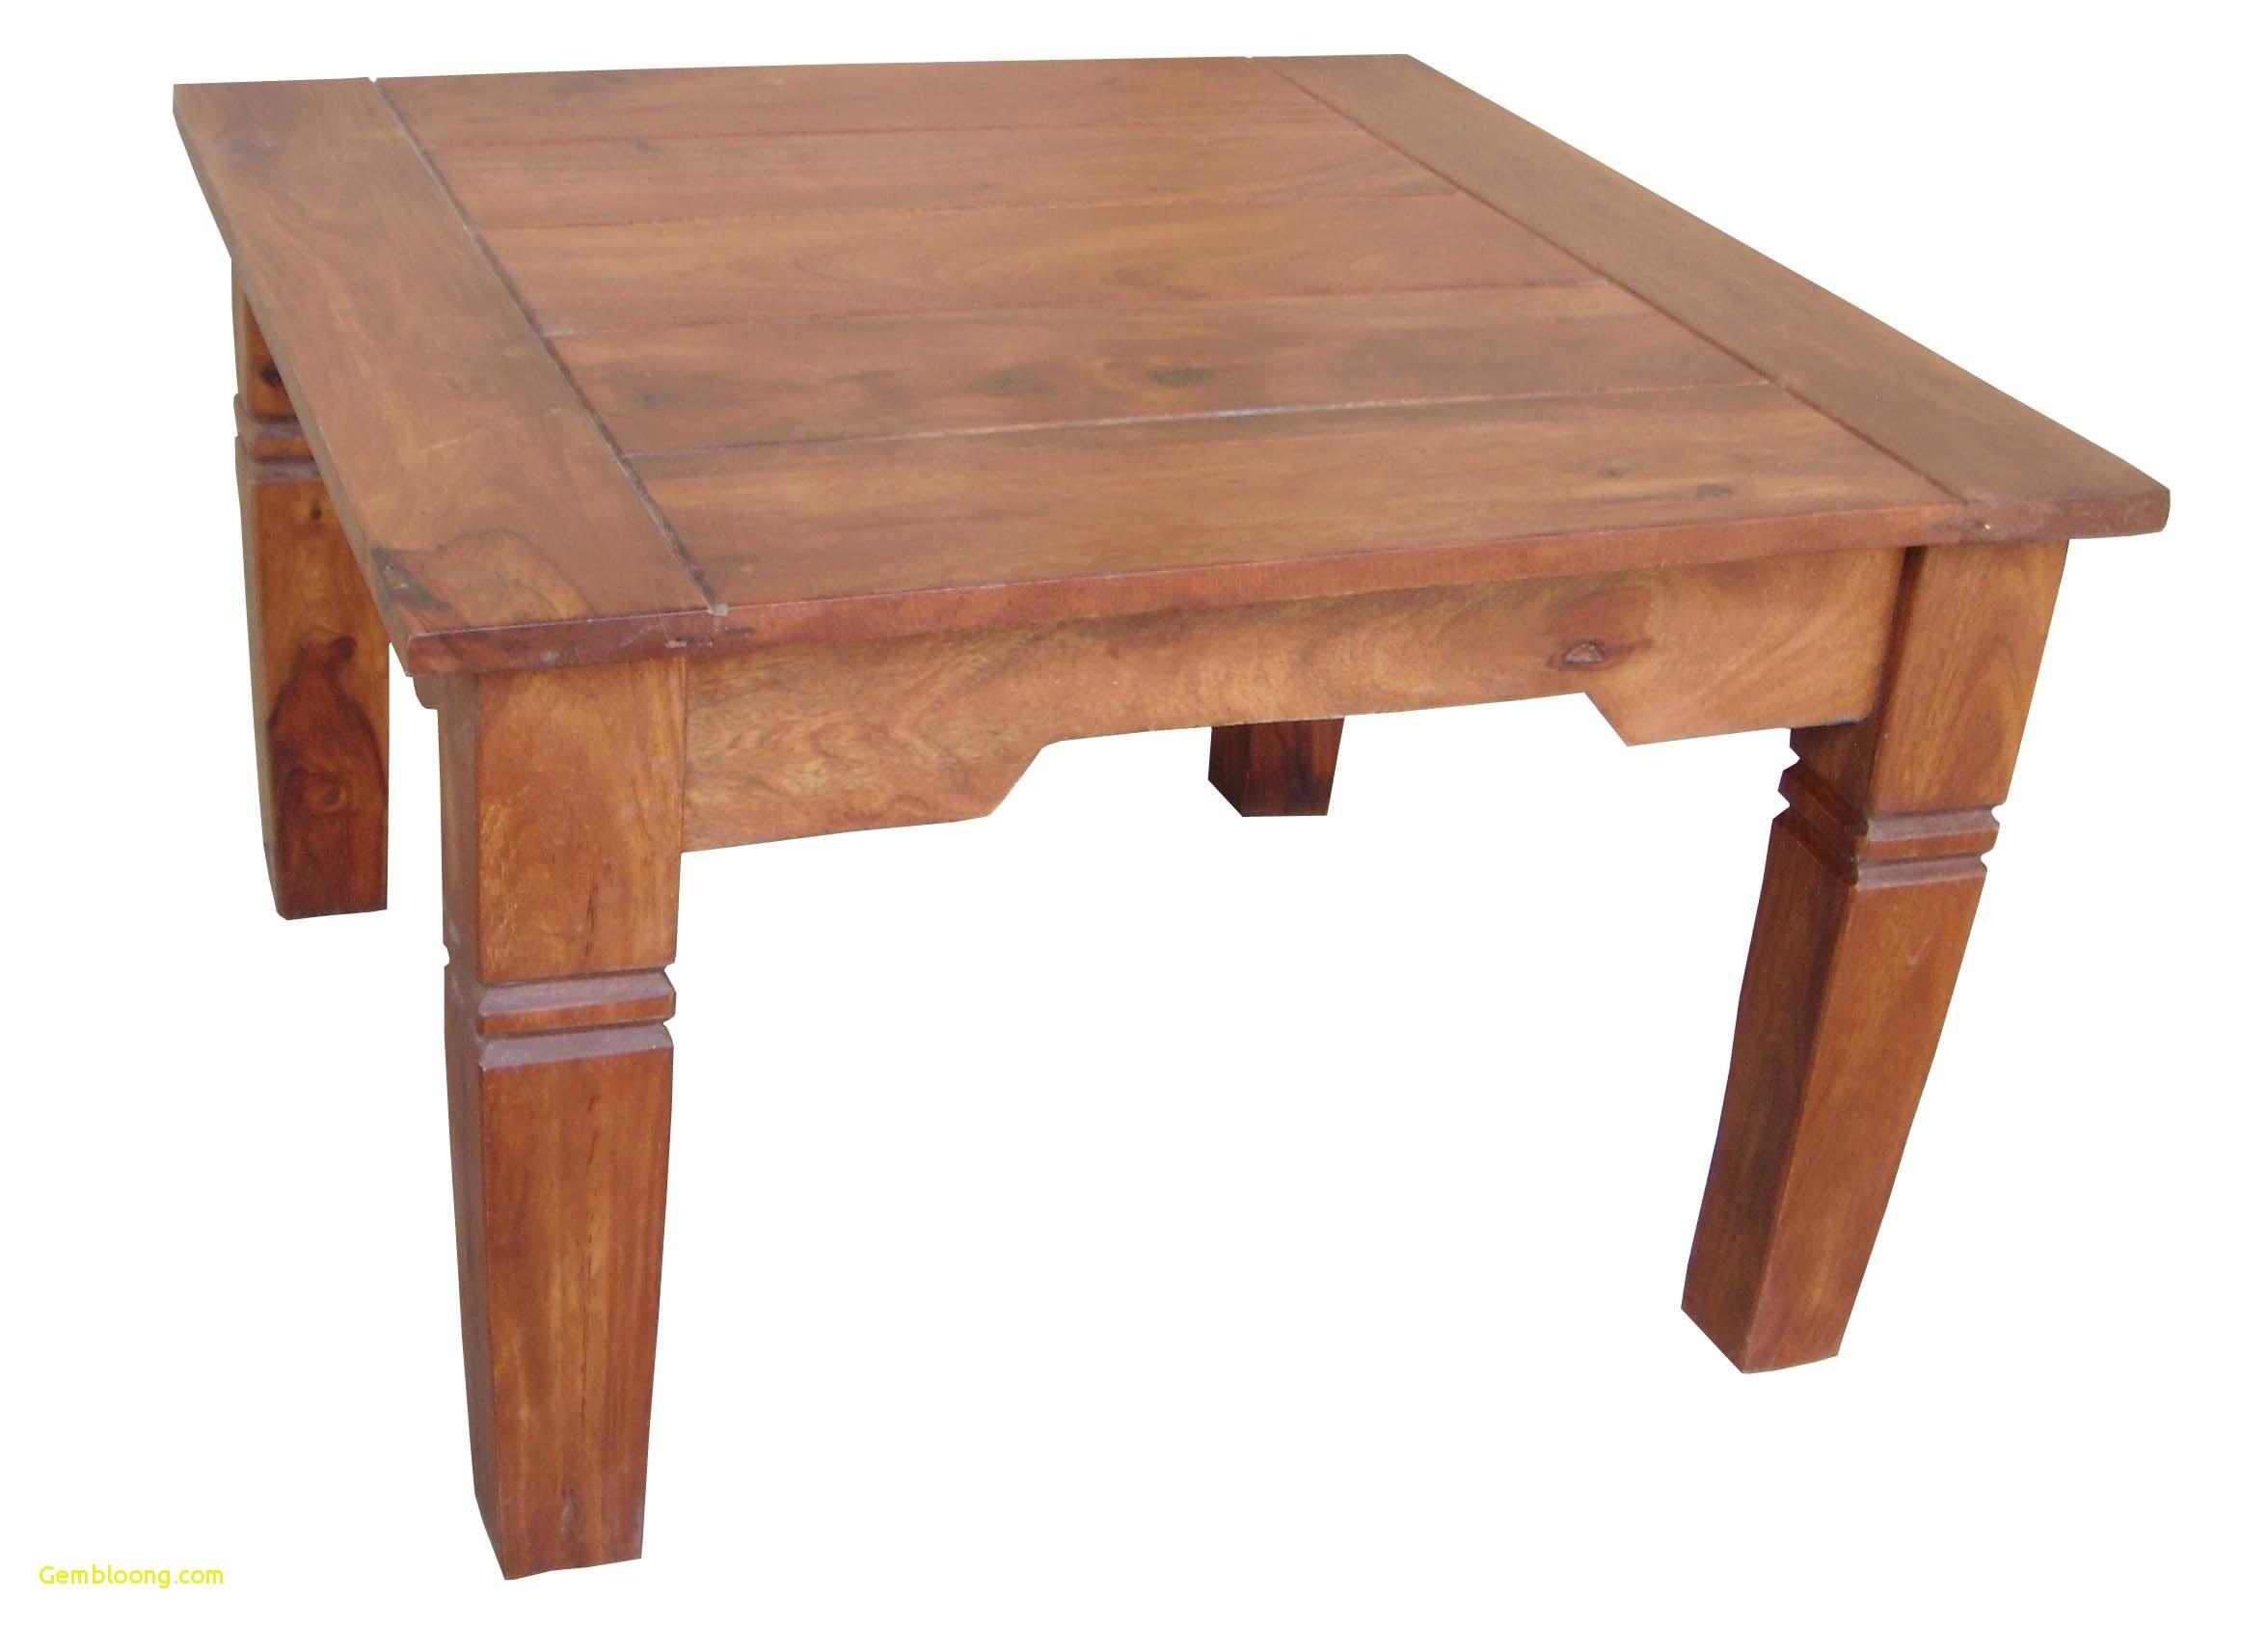 Full Size of Tisch 60x60 Ikea Küche Kosten Bartisch Betten Bei Miniküche 160x200 Modulküche Sofa Mit Schlaffunktion Kaufen Wohnzimmer Bartisch Ikea